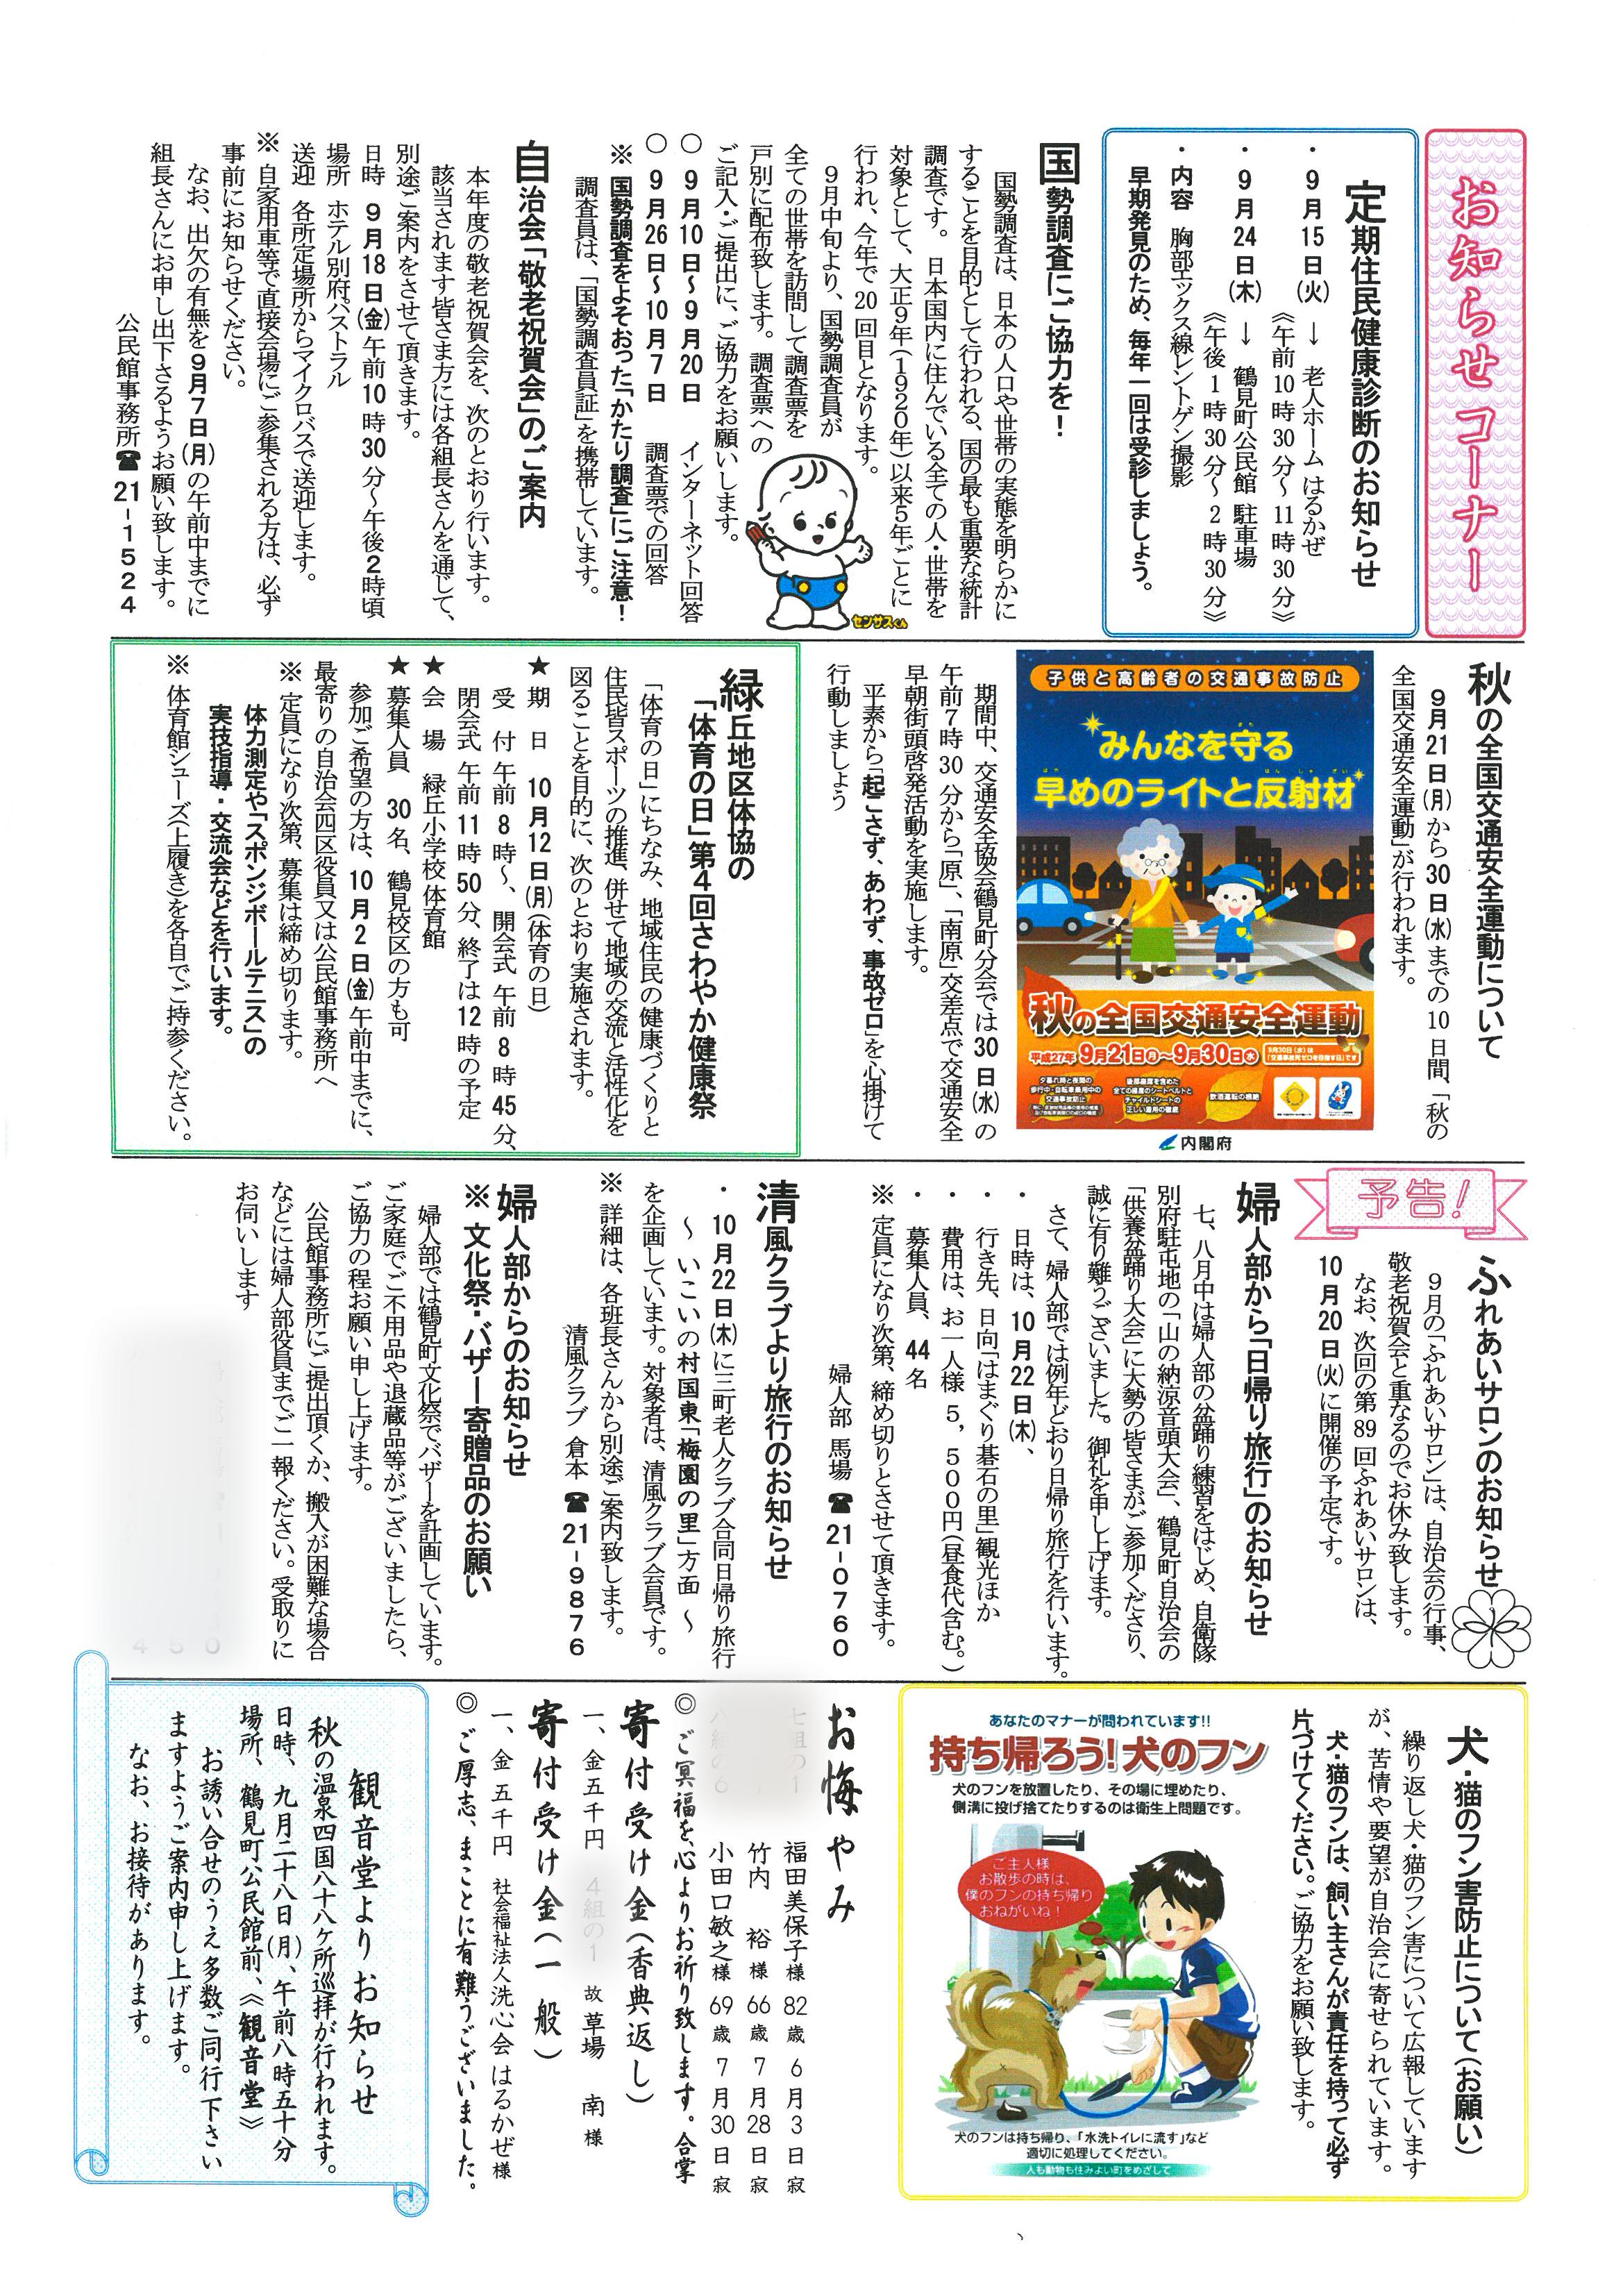 tsurumi2015_09_02